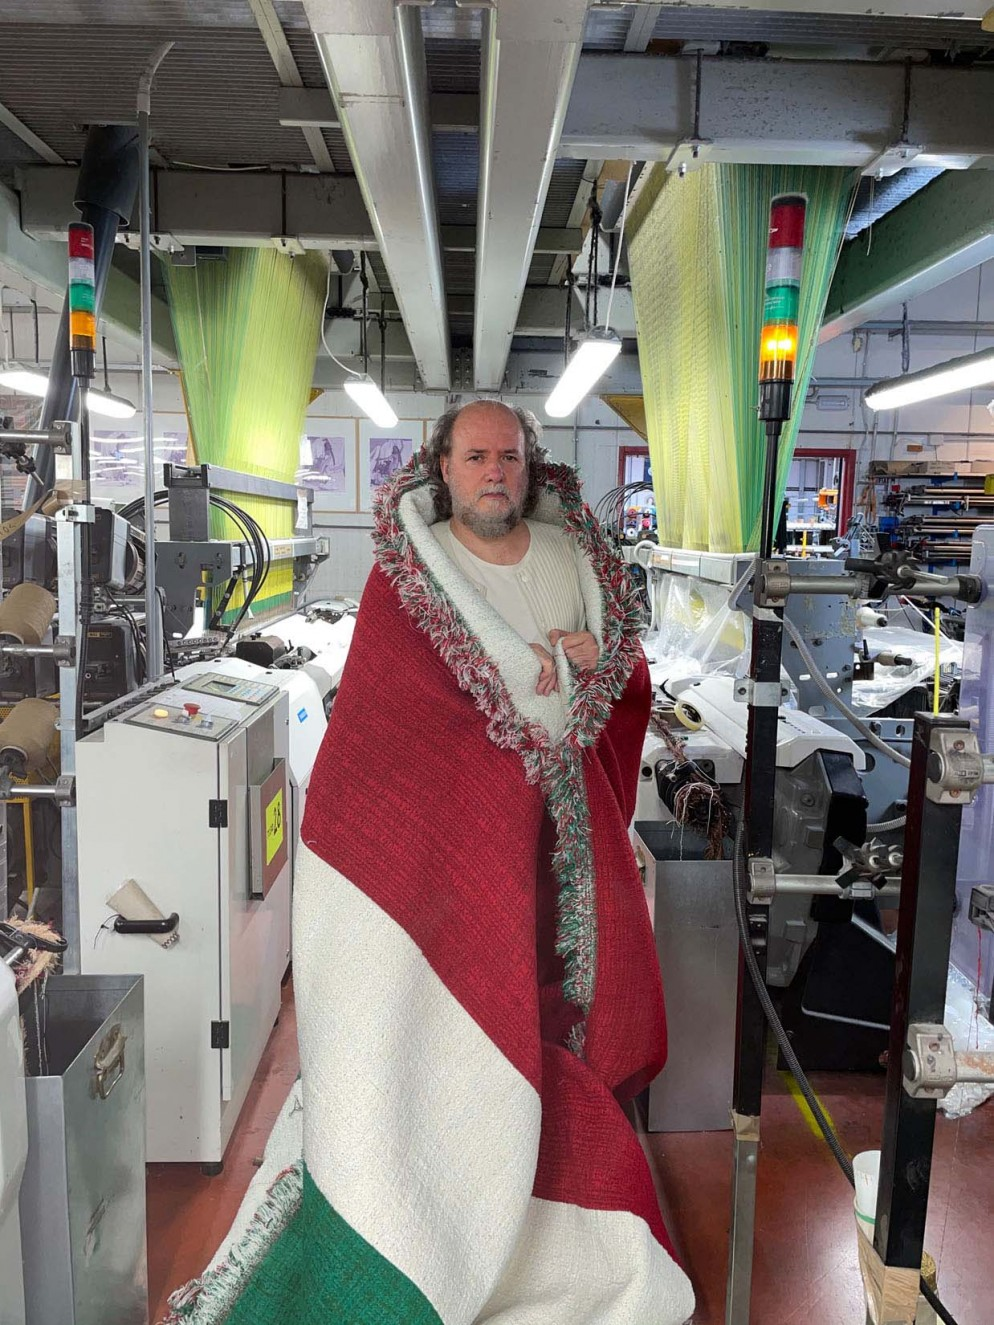 tricolore-tessuto-plastica-reciclata-bonotto-olimpiadi-tokyo-sede-10